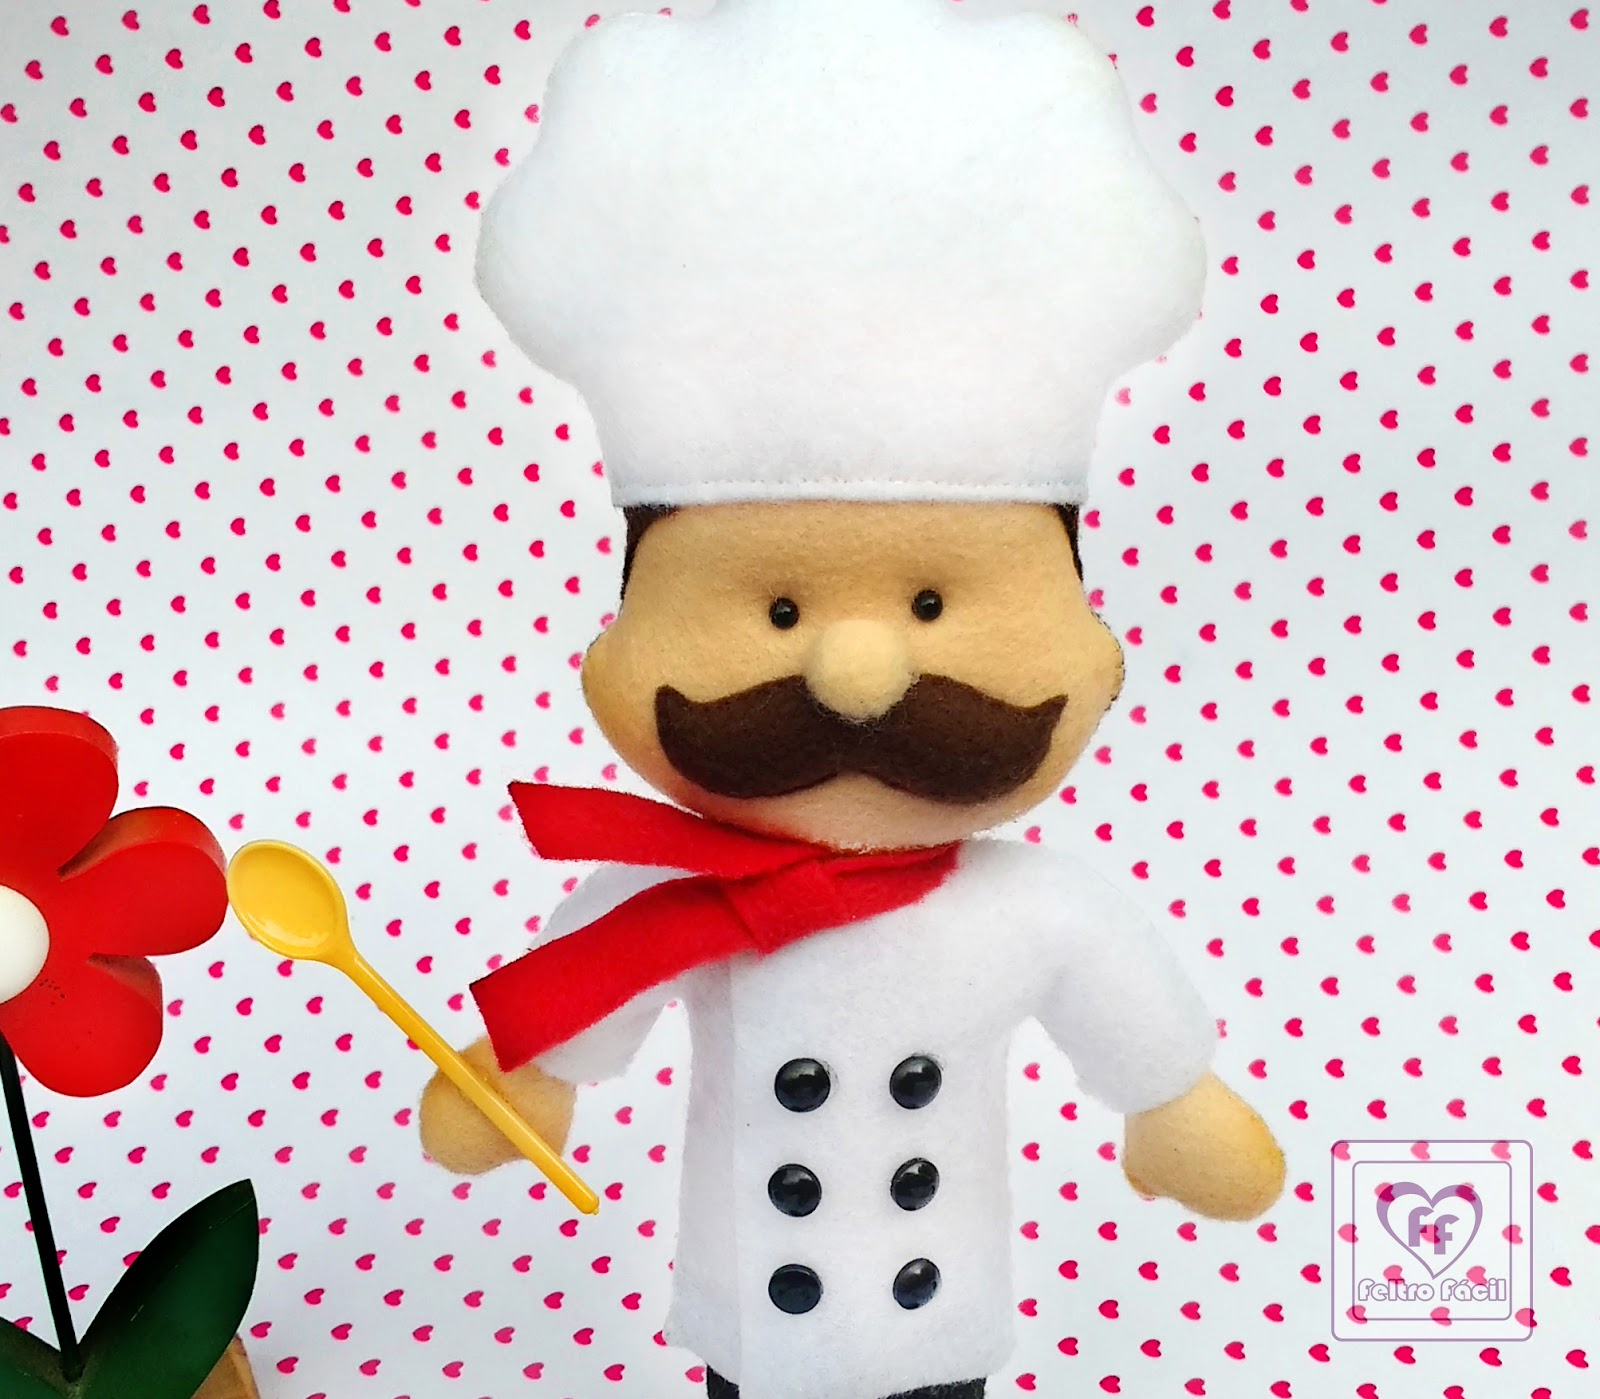 Feltro f cil moldes e apostilas chef de cozinha em feltro for Material para chef